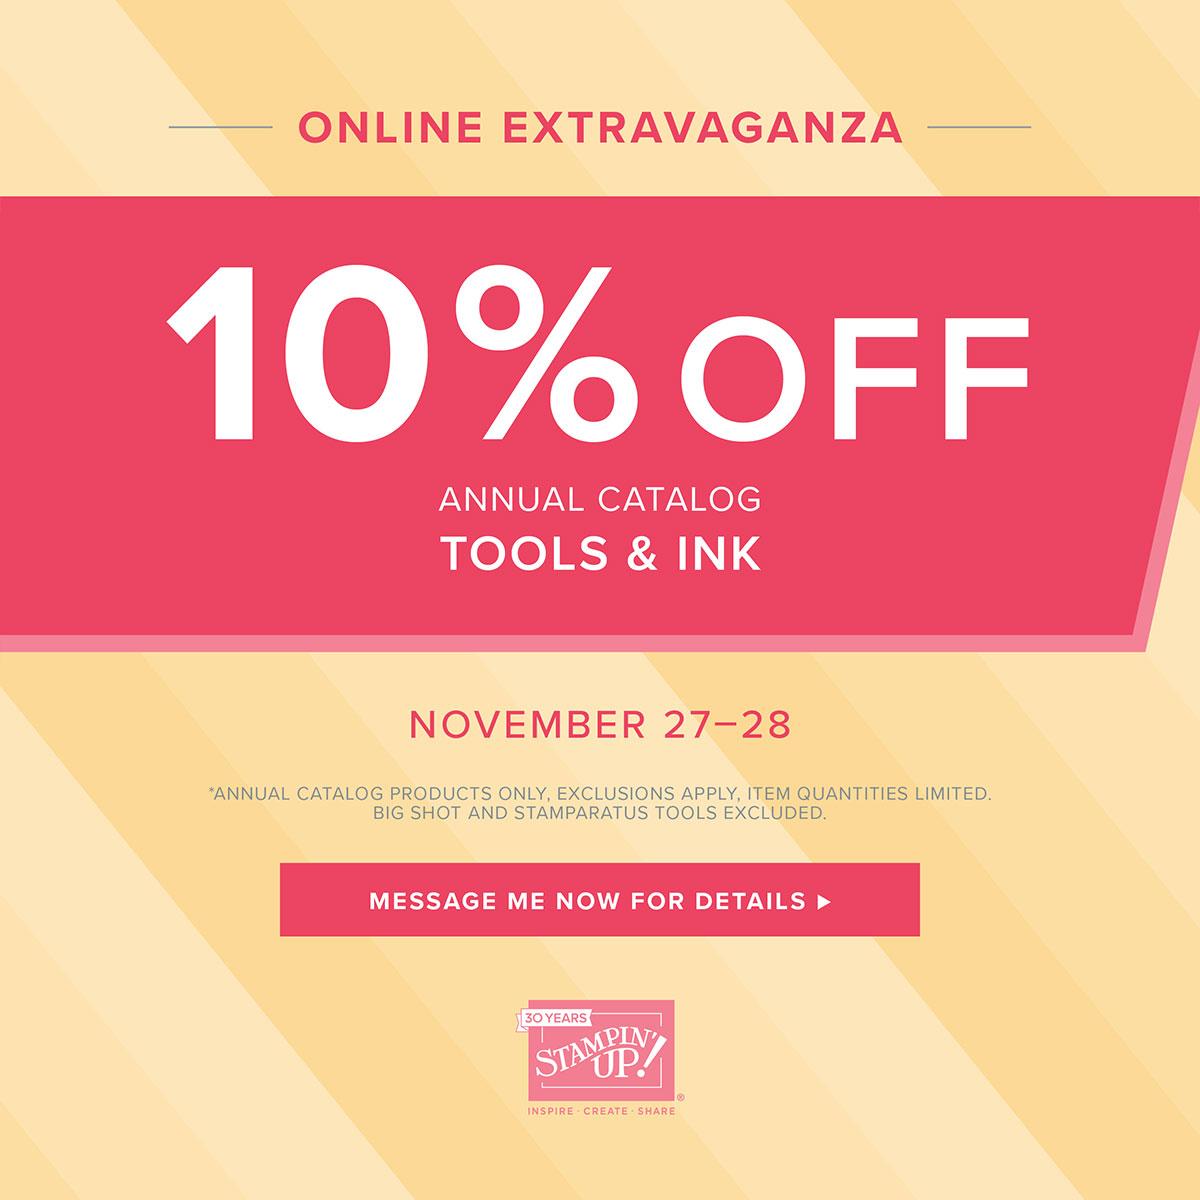 Online Extravaganza Nov 27, 28 2018